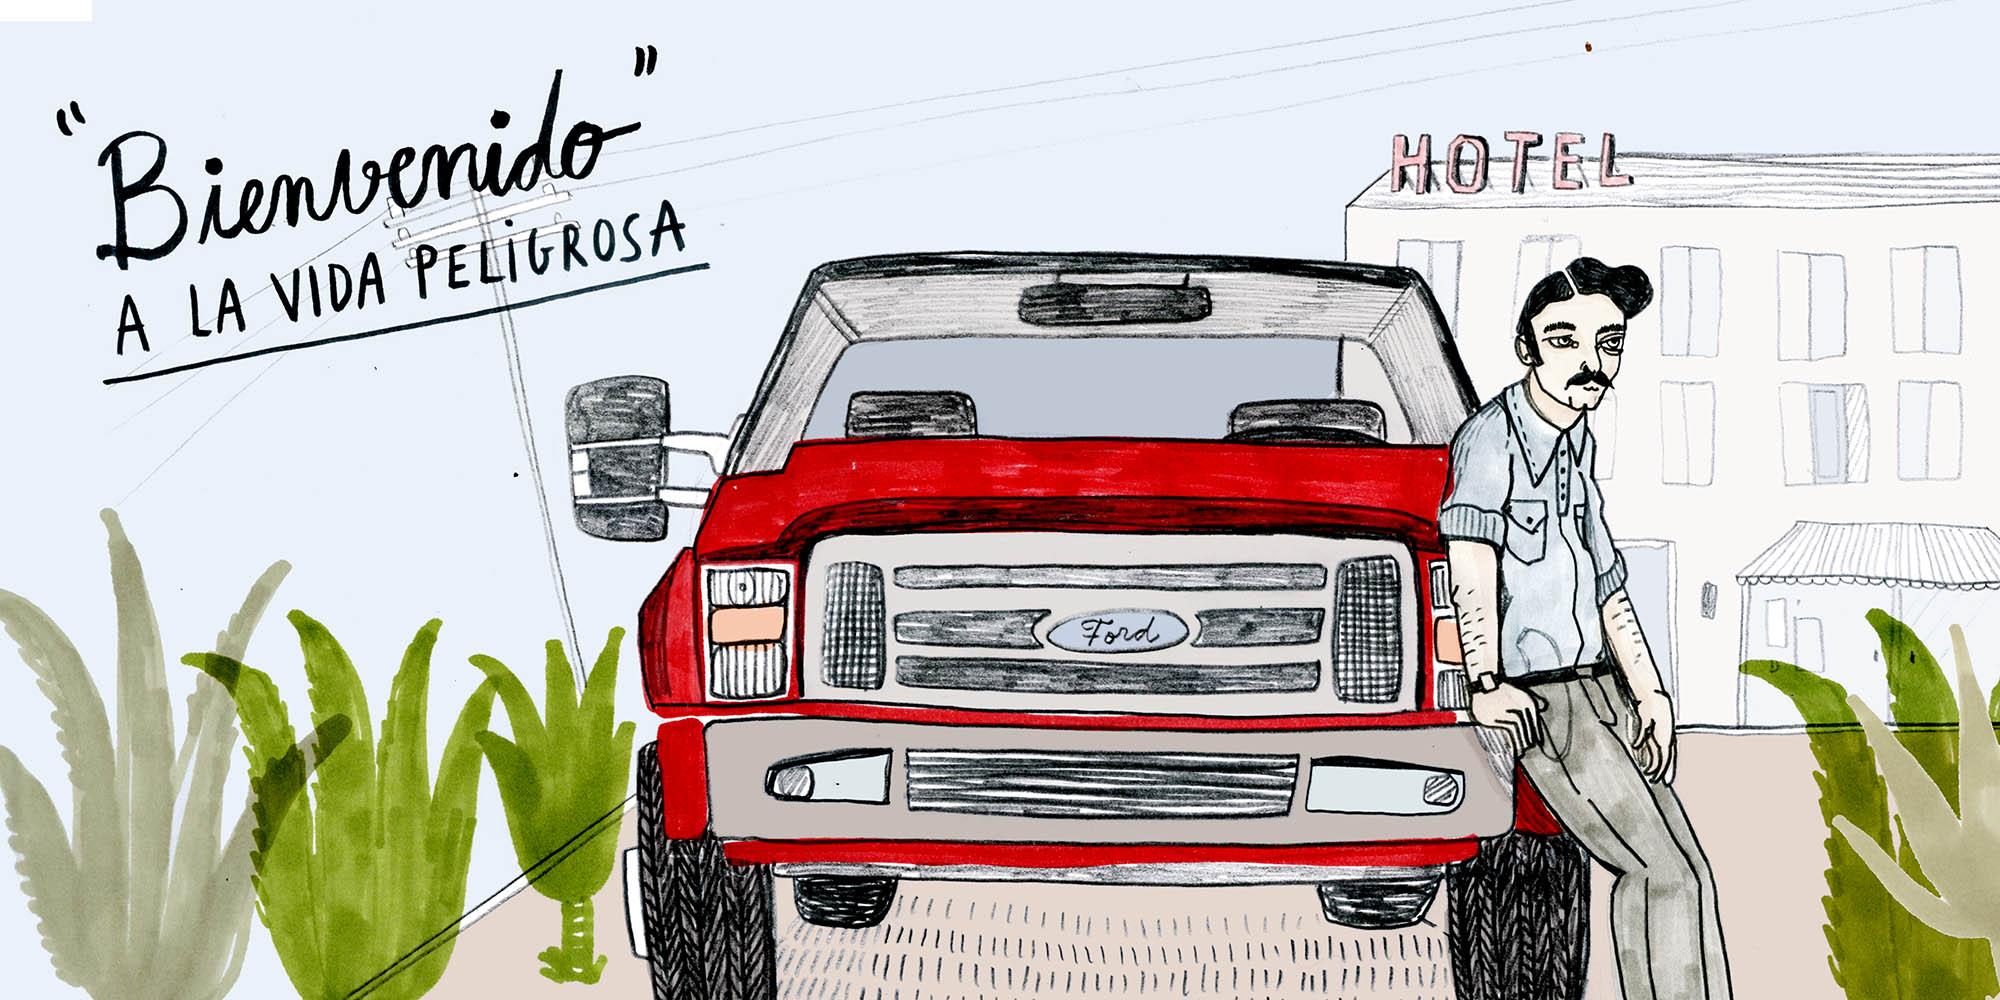 narco1-letras-reducido